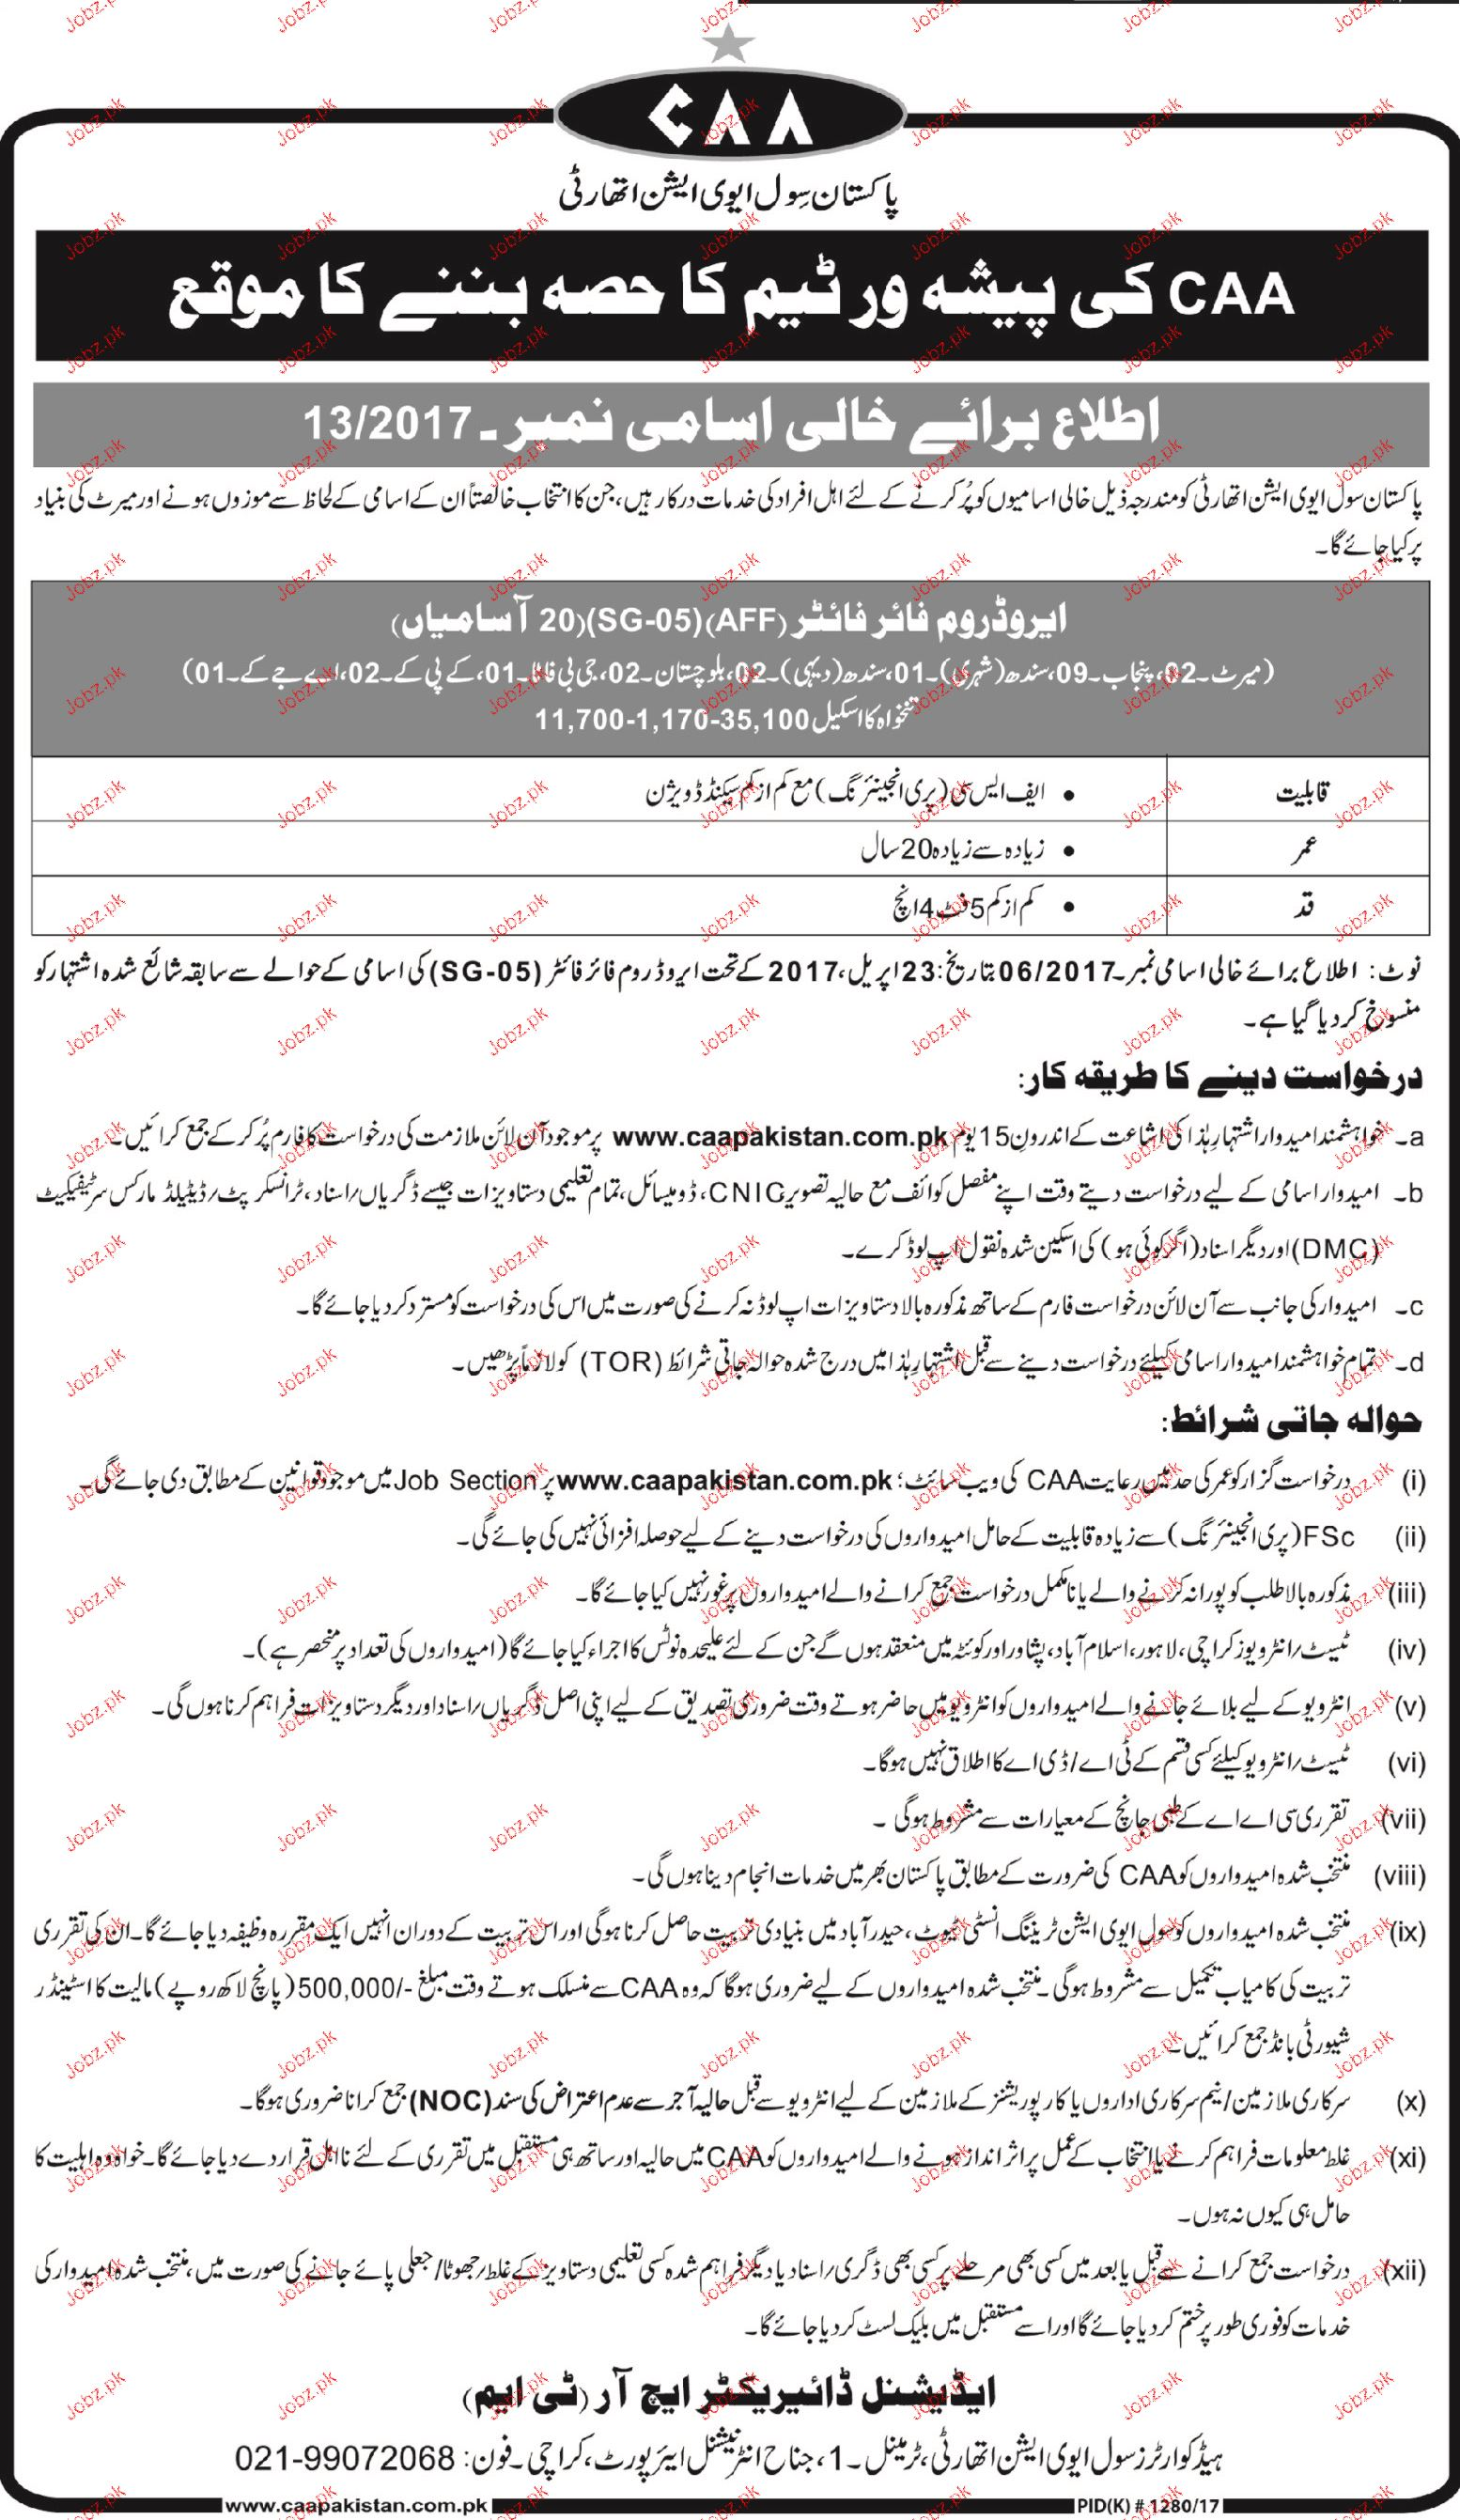 Pakistan Civil Aviation Authority CAA Jobs